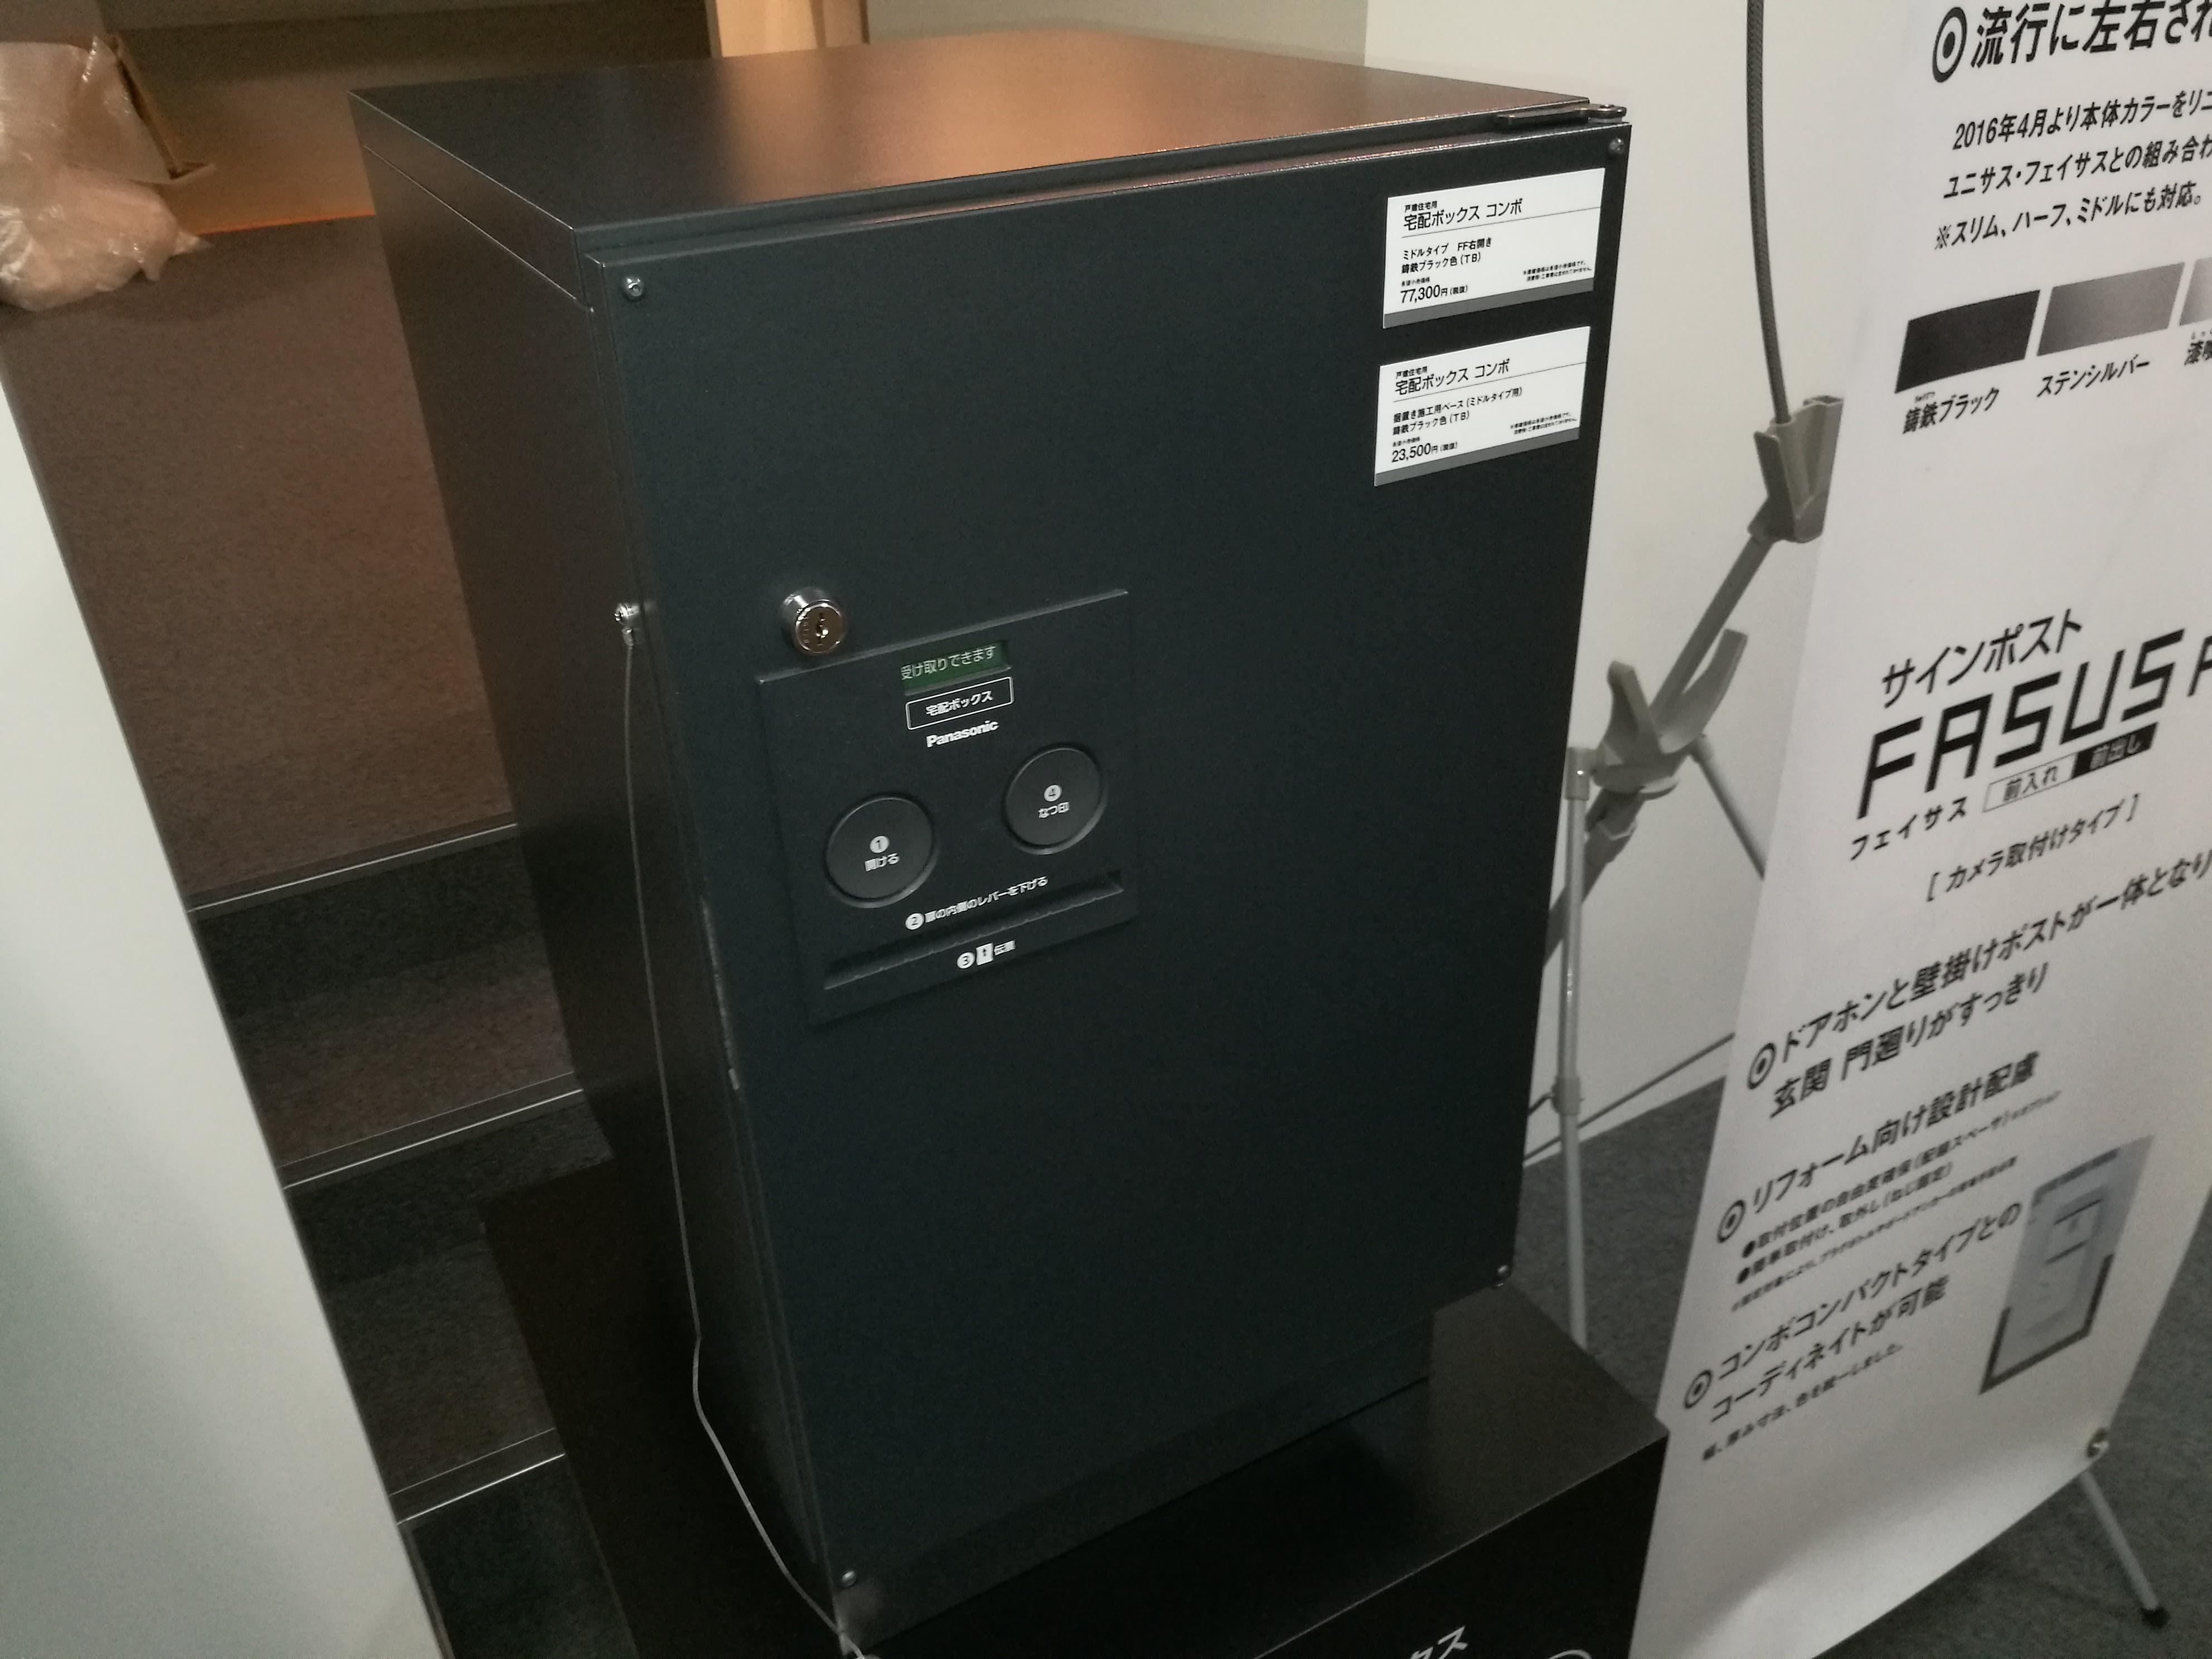 急増「宅配ボックス需要」各社メーカーが続々発売!おすすめ品はCOMBOの画像